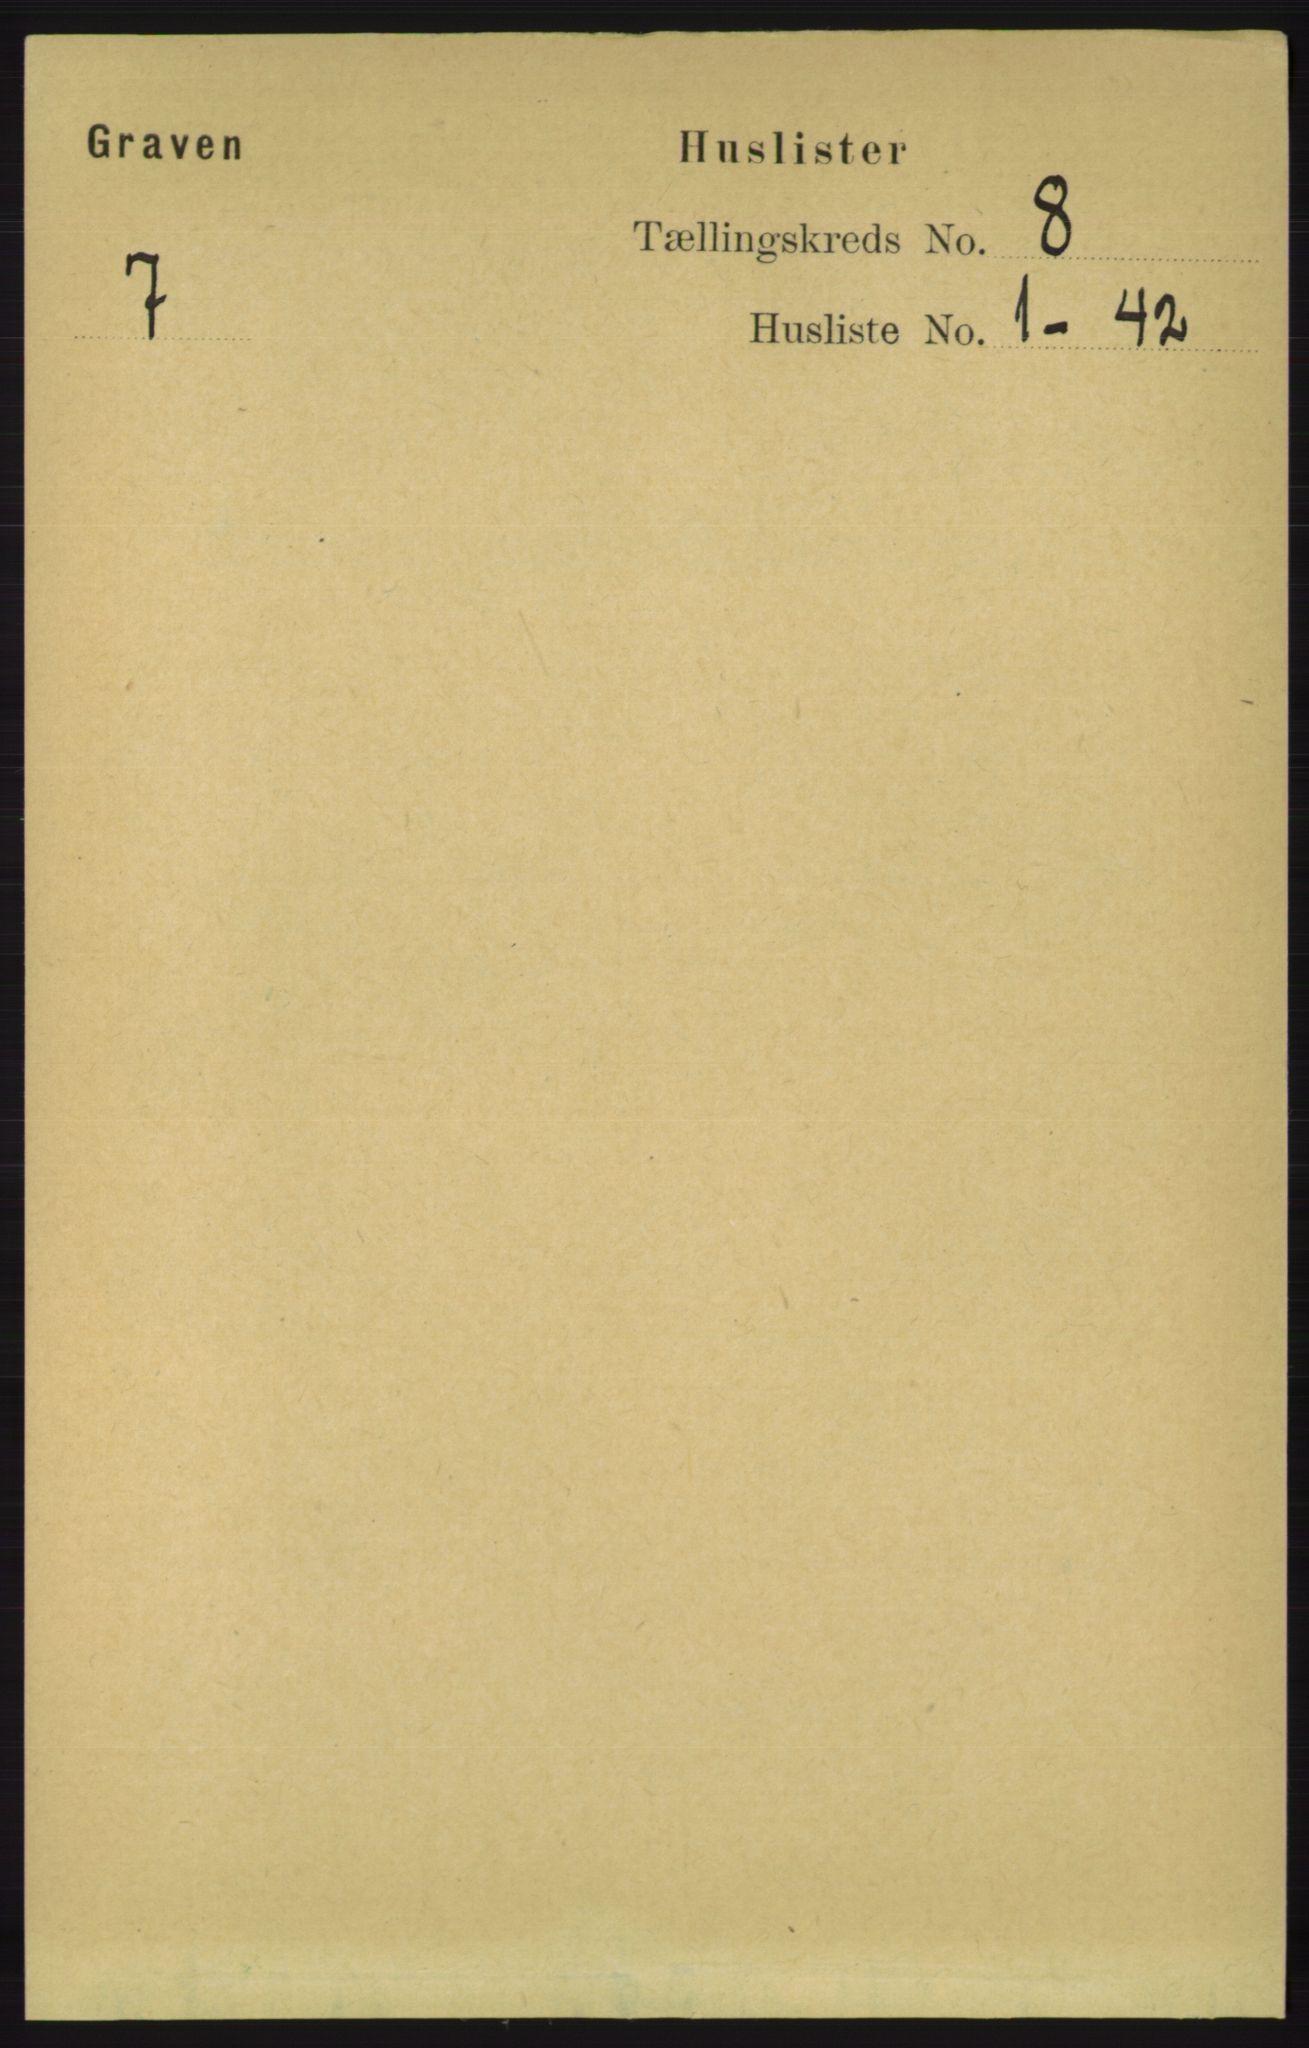 RA, Folketelling 1891 for 1233 Ulvik herred, 1891, s. 2529